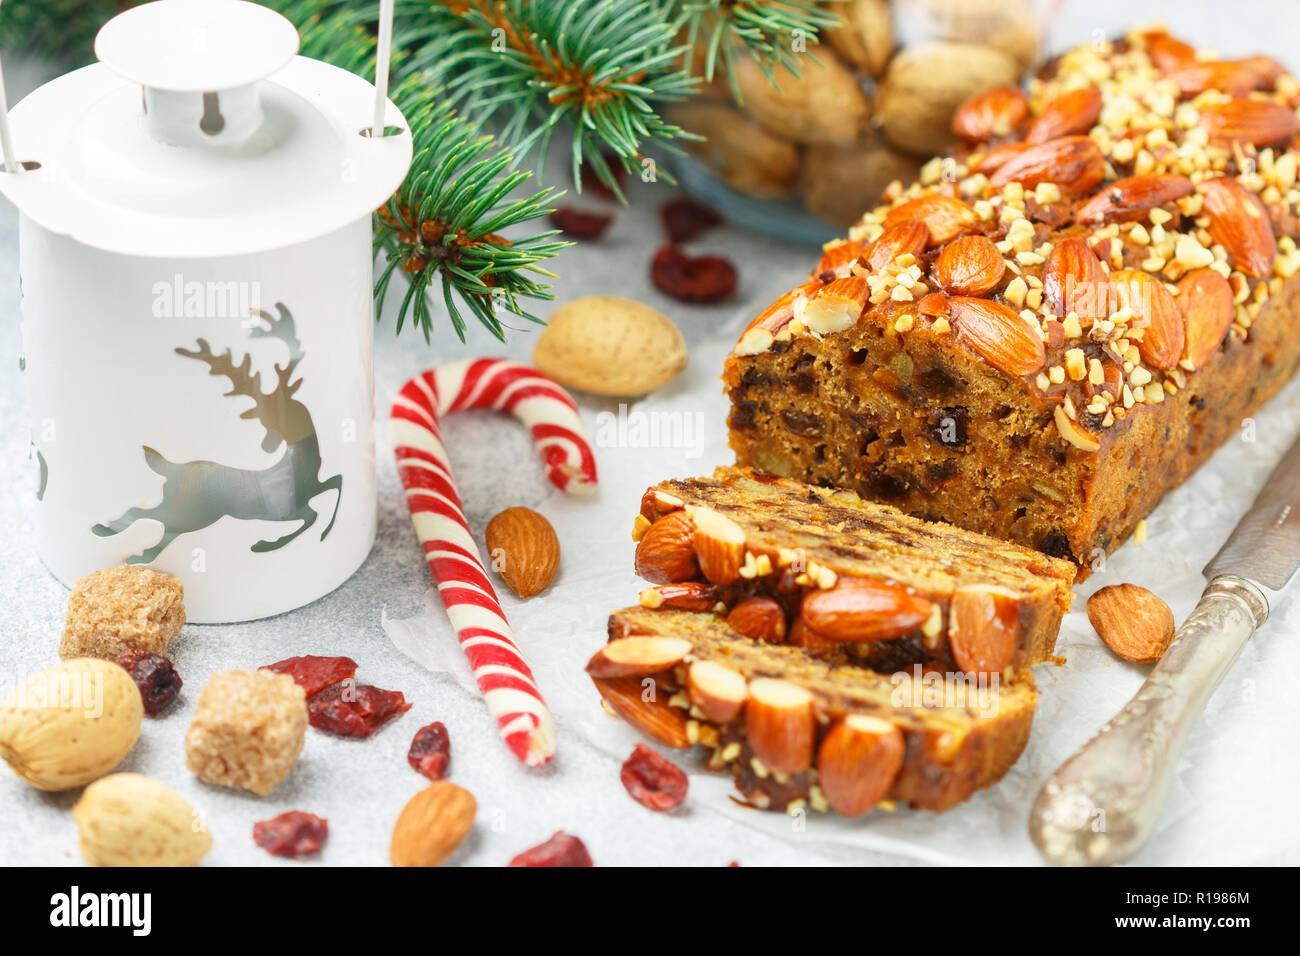 Gâteau aux fruits. Gâteau de Noël traditionnel avec amandes, canneberges séchées, cannelle, cardamome, anis, girofle. Nouvelle année. Selective focus Photo Stock